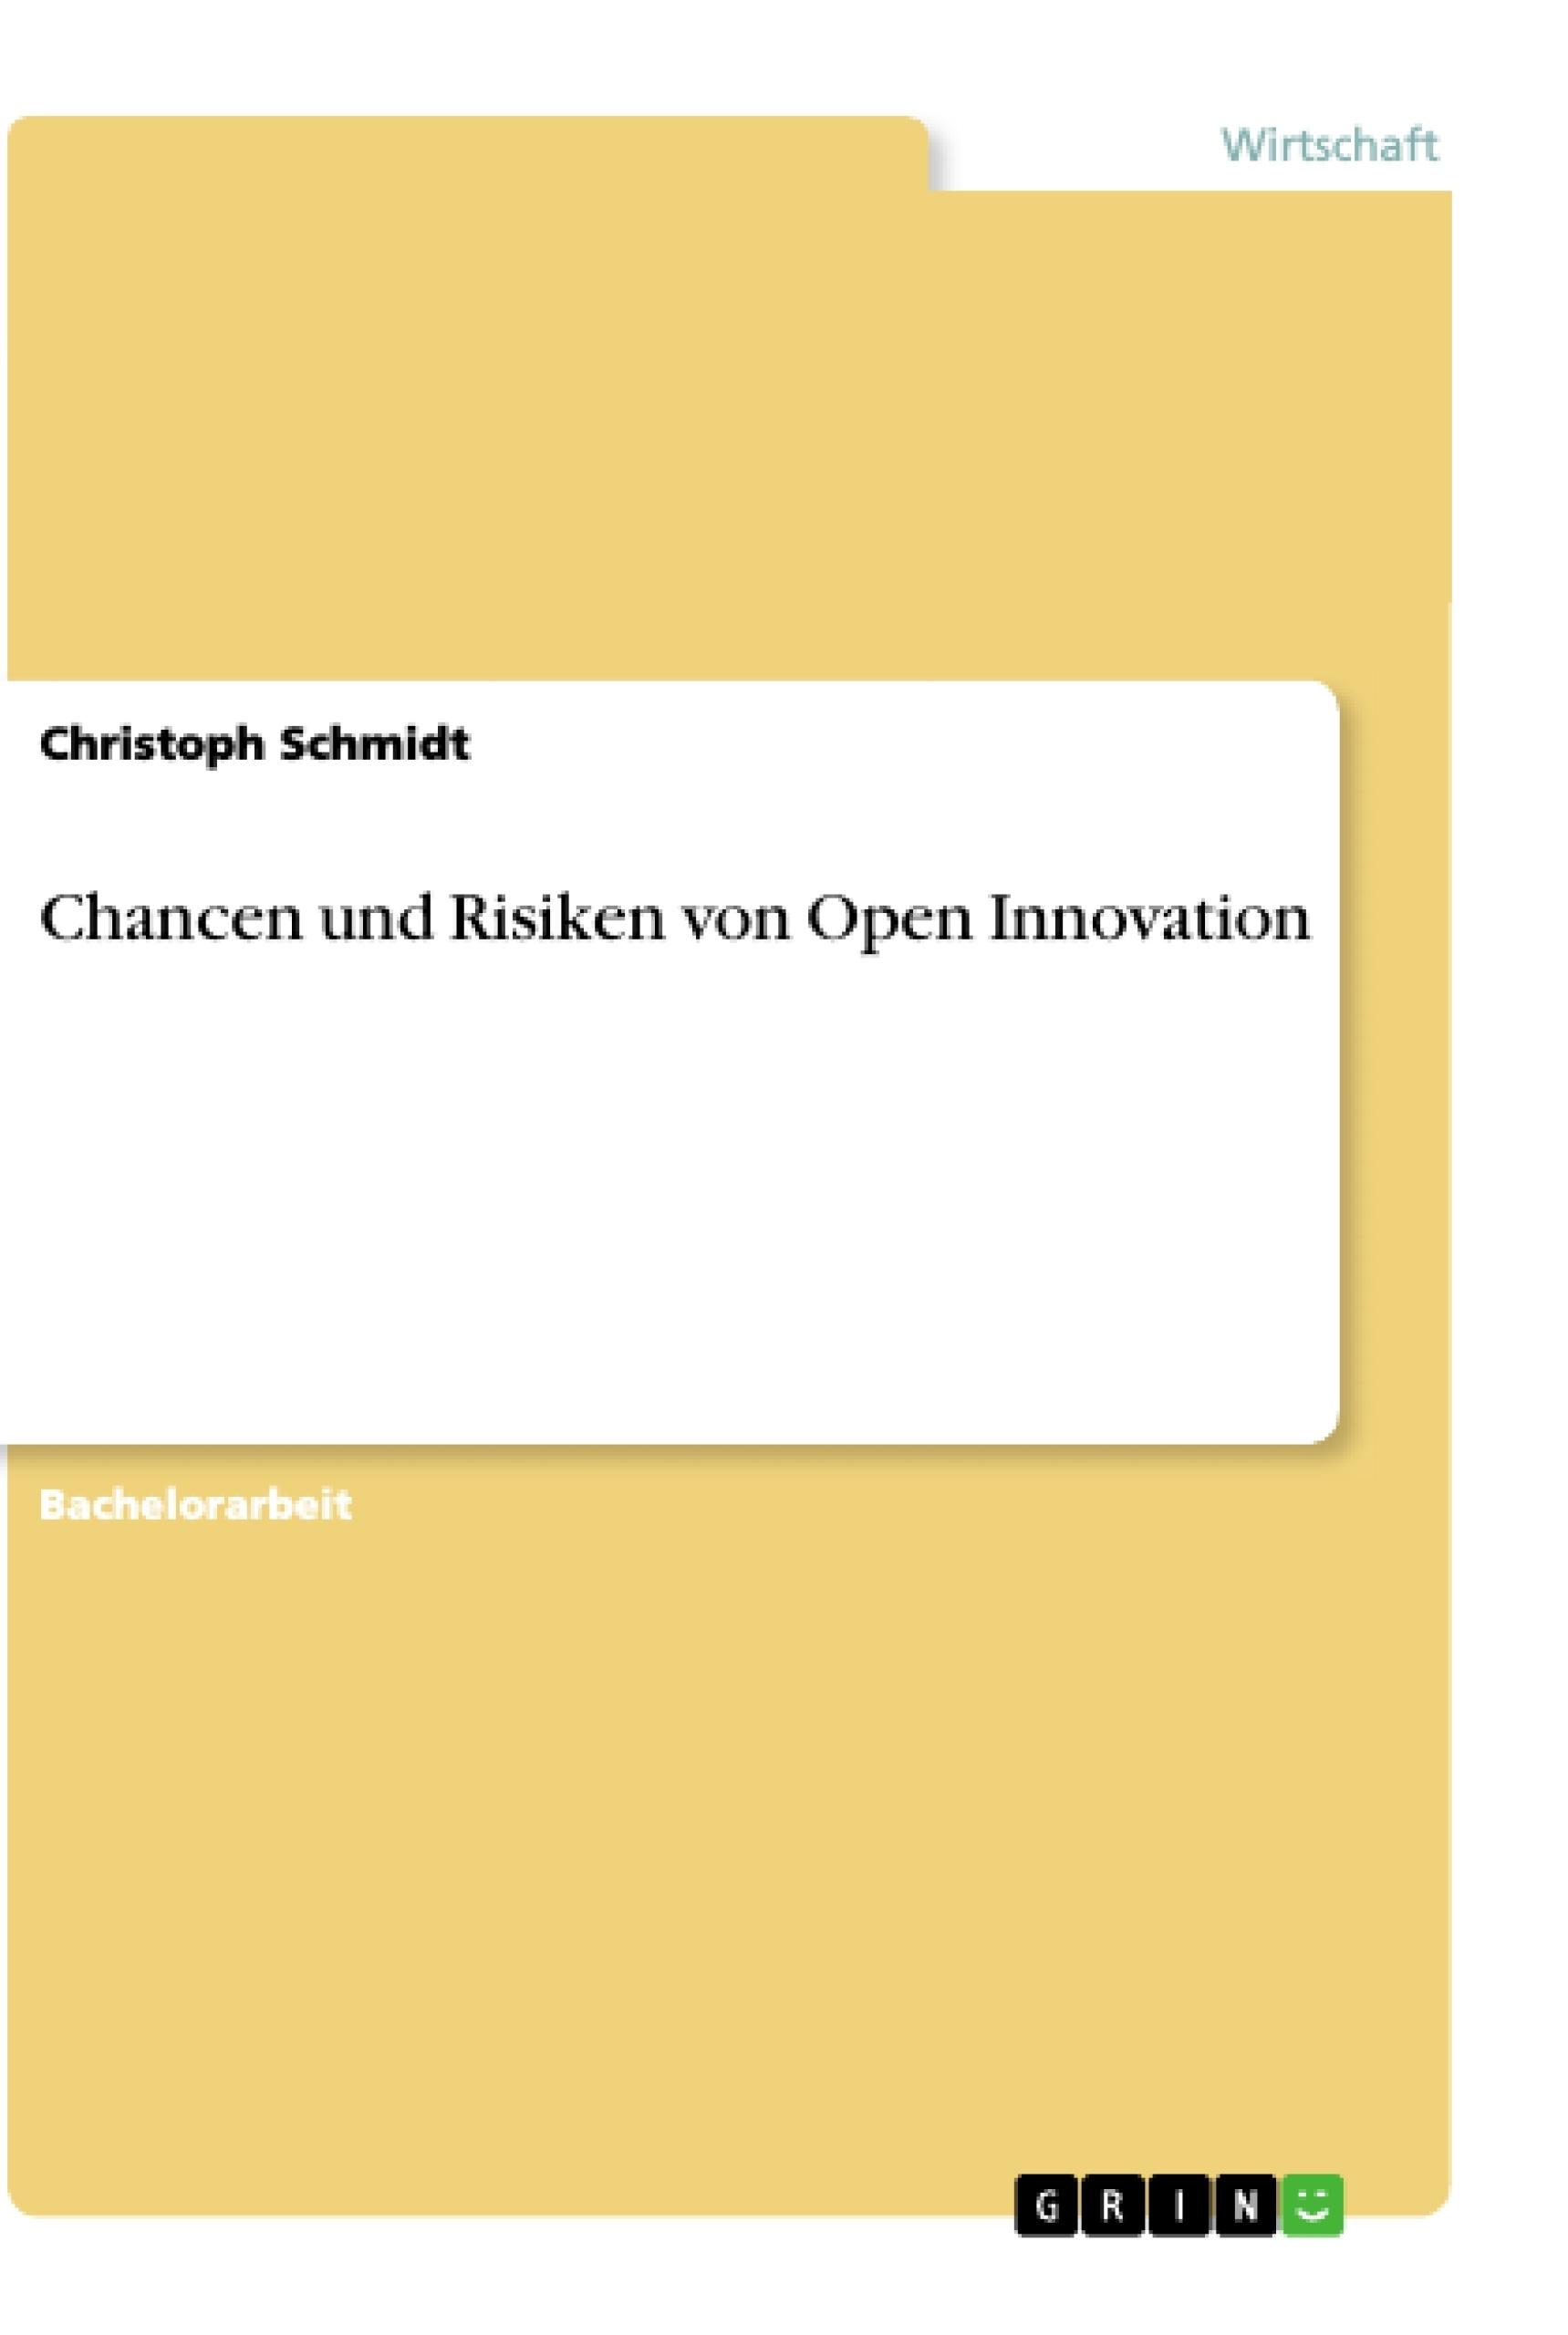 Titel: Chancen und Risiken von Open Innovation